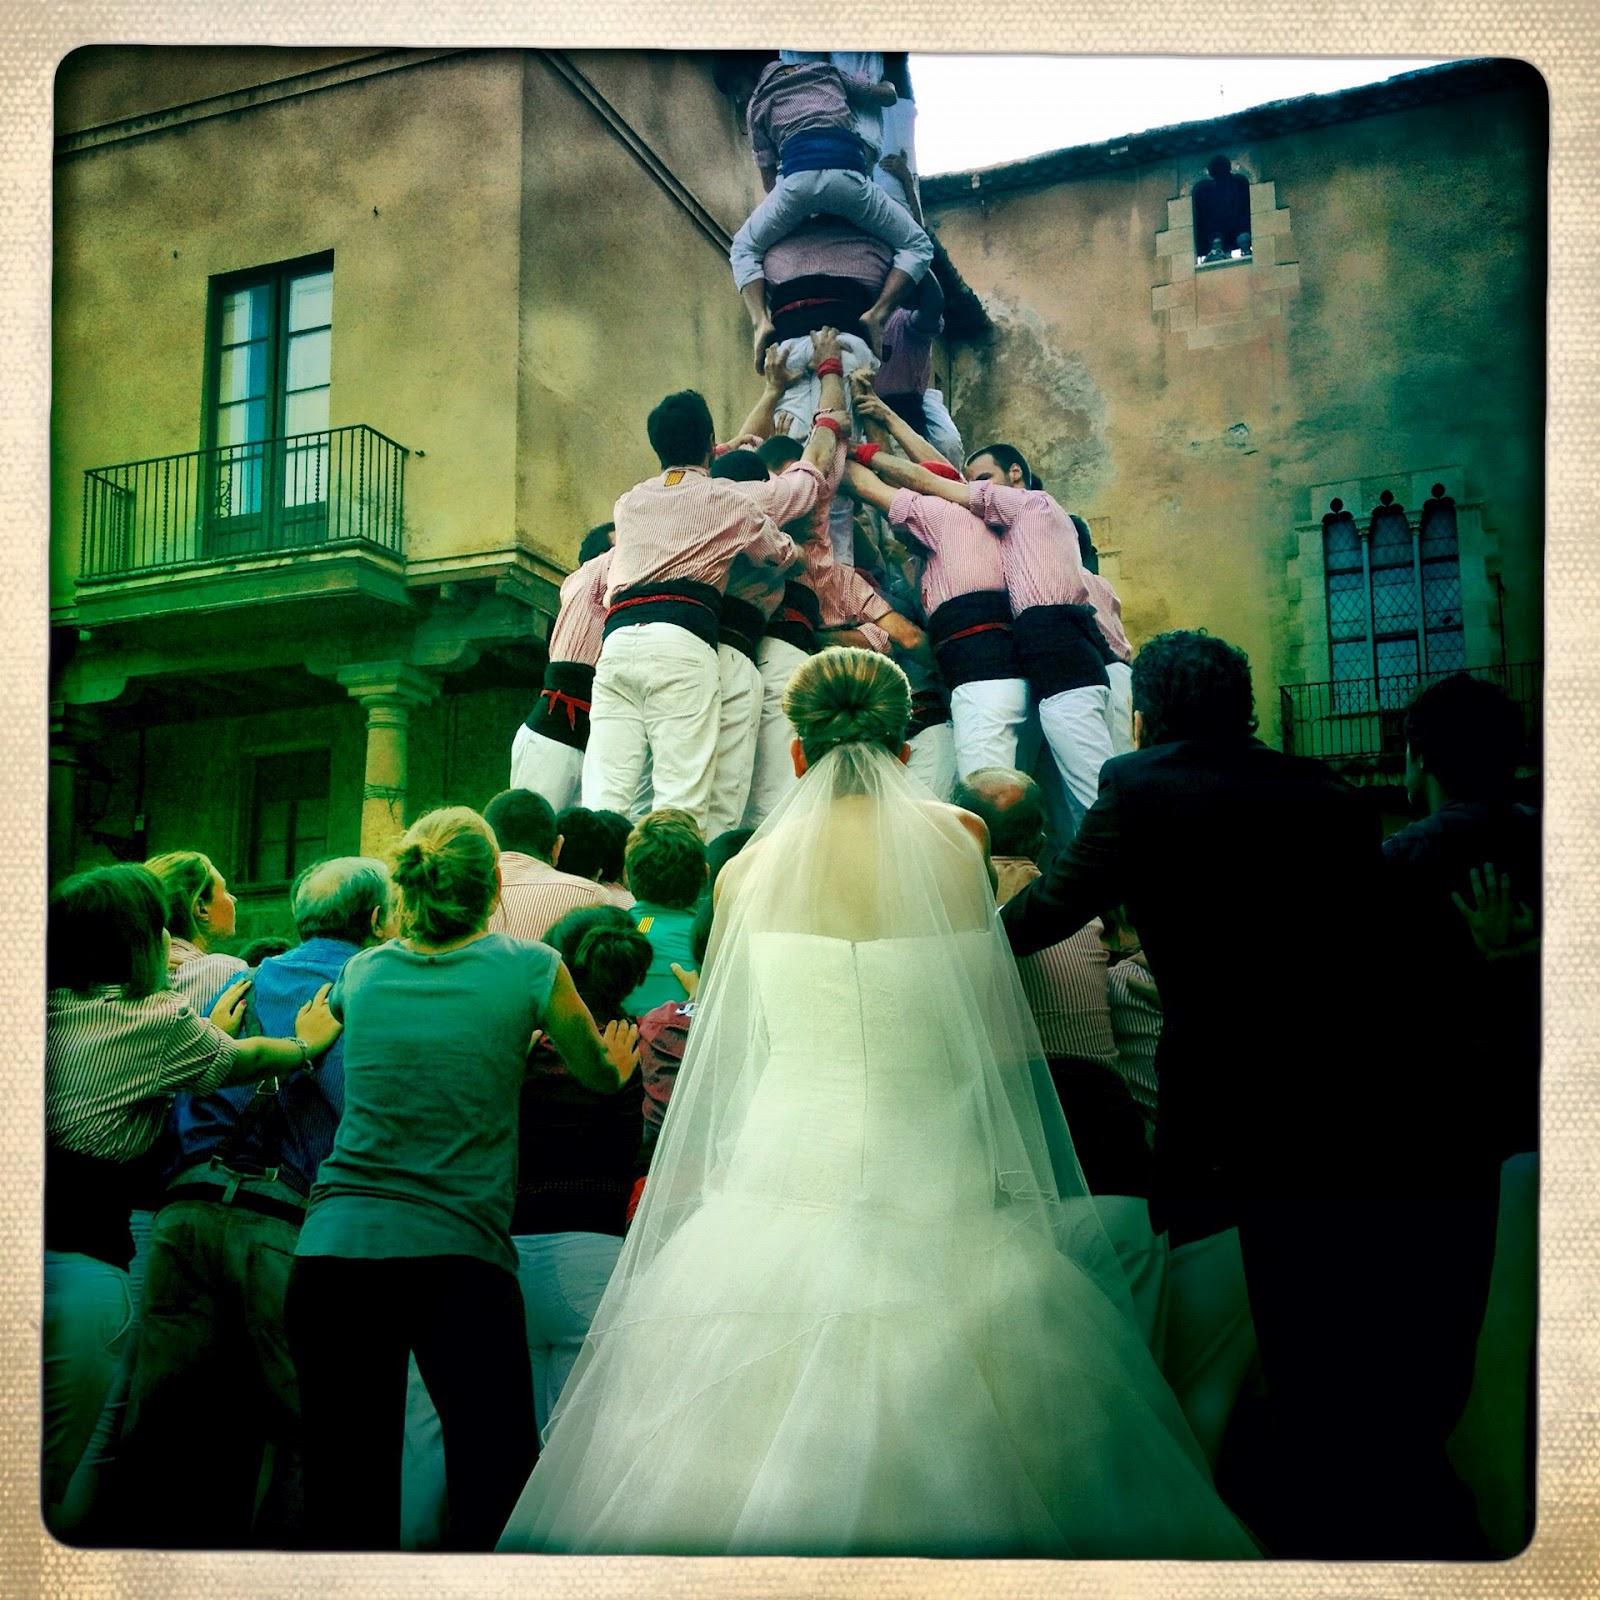 Actuació dels Xiquets de Tarragona al Pla de la Seu. Juliol 2012. Foto: Carles Llop